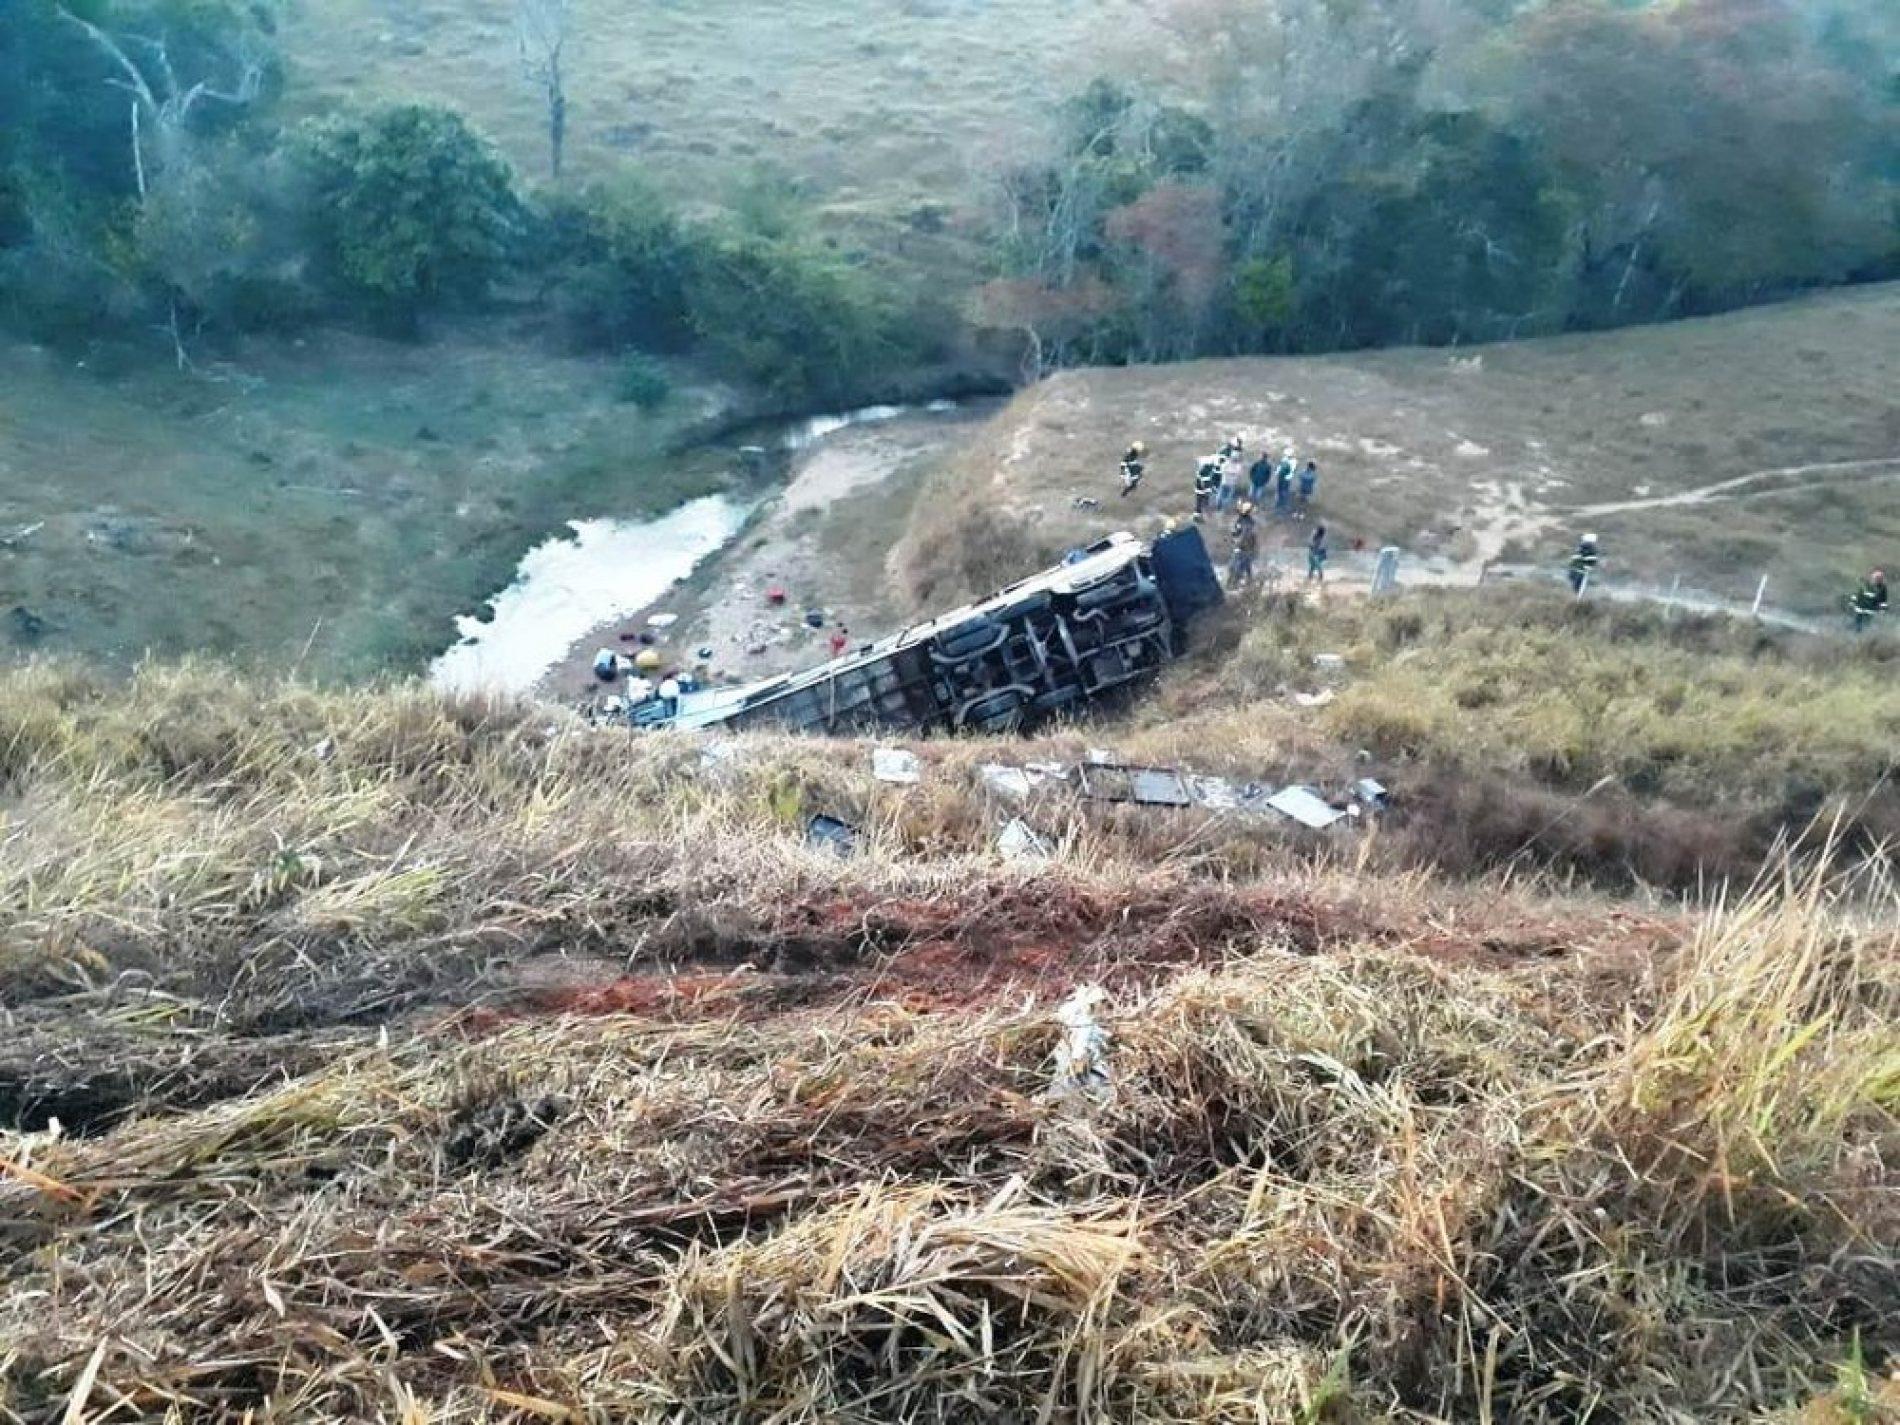 TRAGÉDIA: Ônibus capota na BR-146 e deixa mortos e feridos